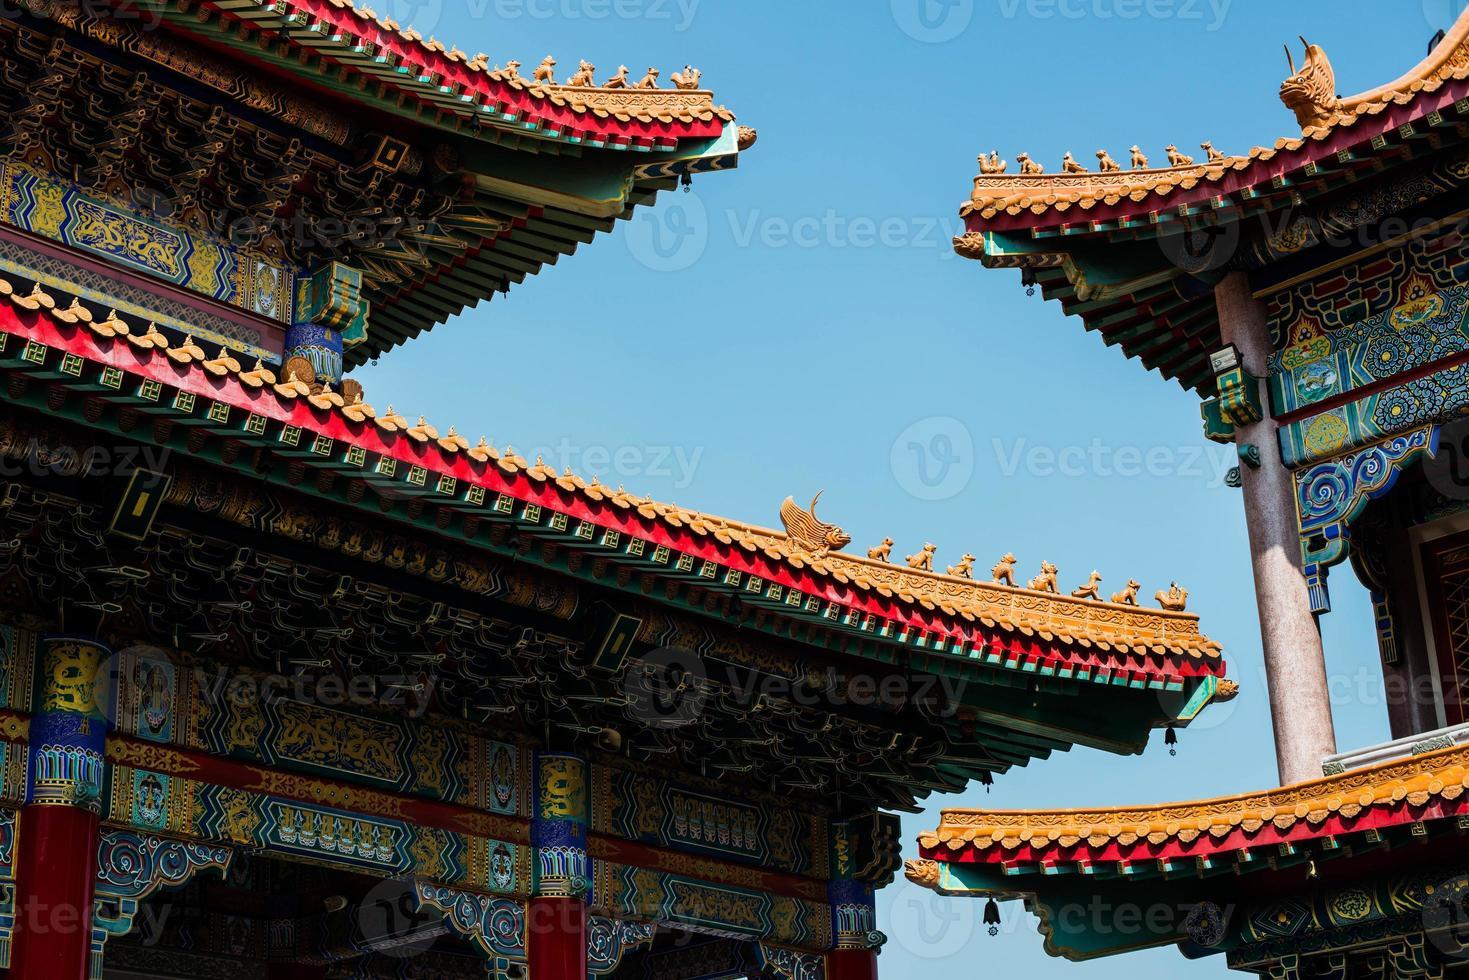 Kina tempel och fin himmel foto